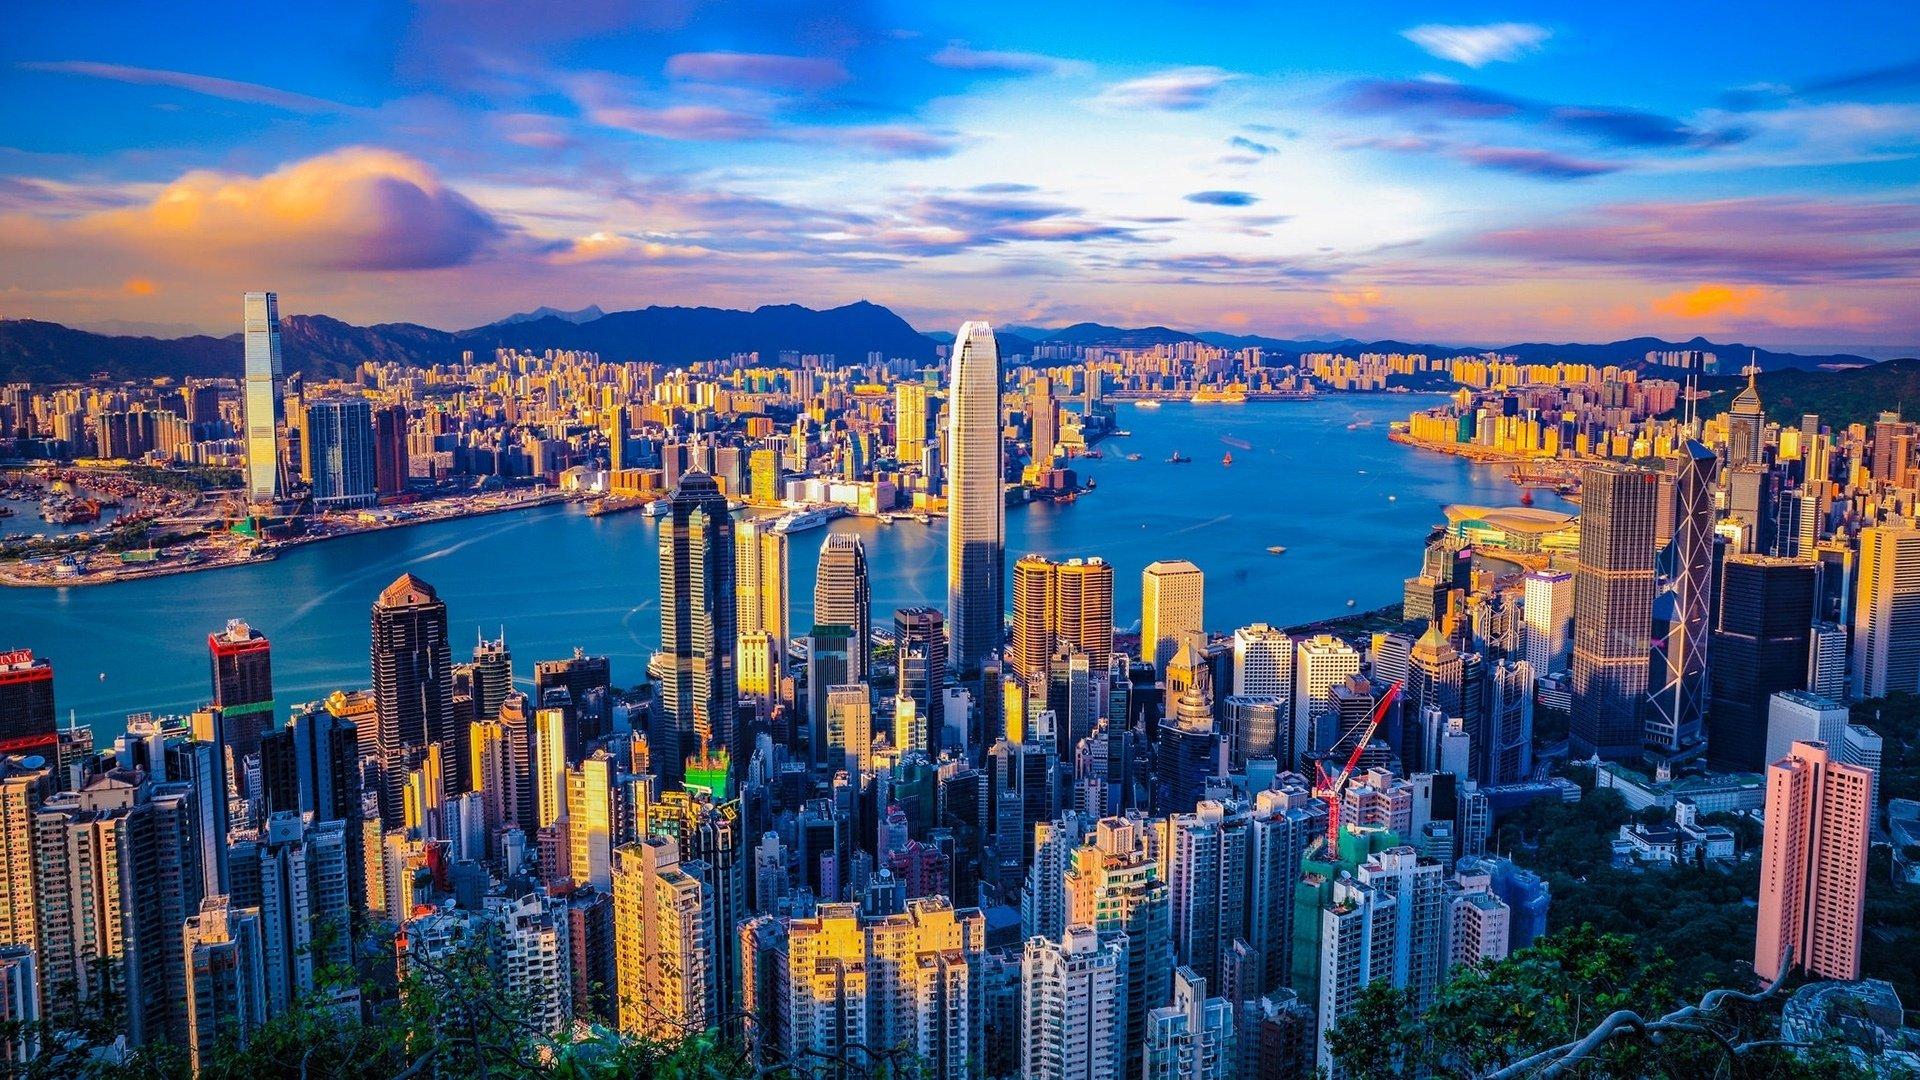 Hong Kong, China HD Wallpaper | Background Image ...